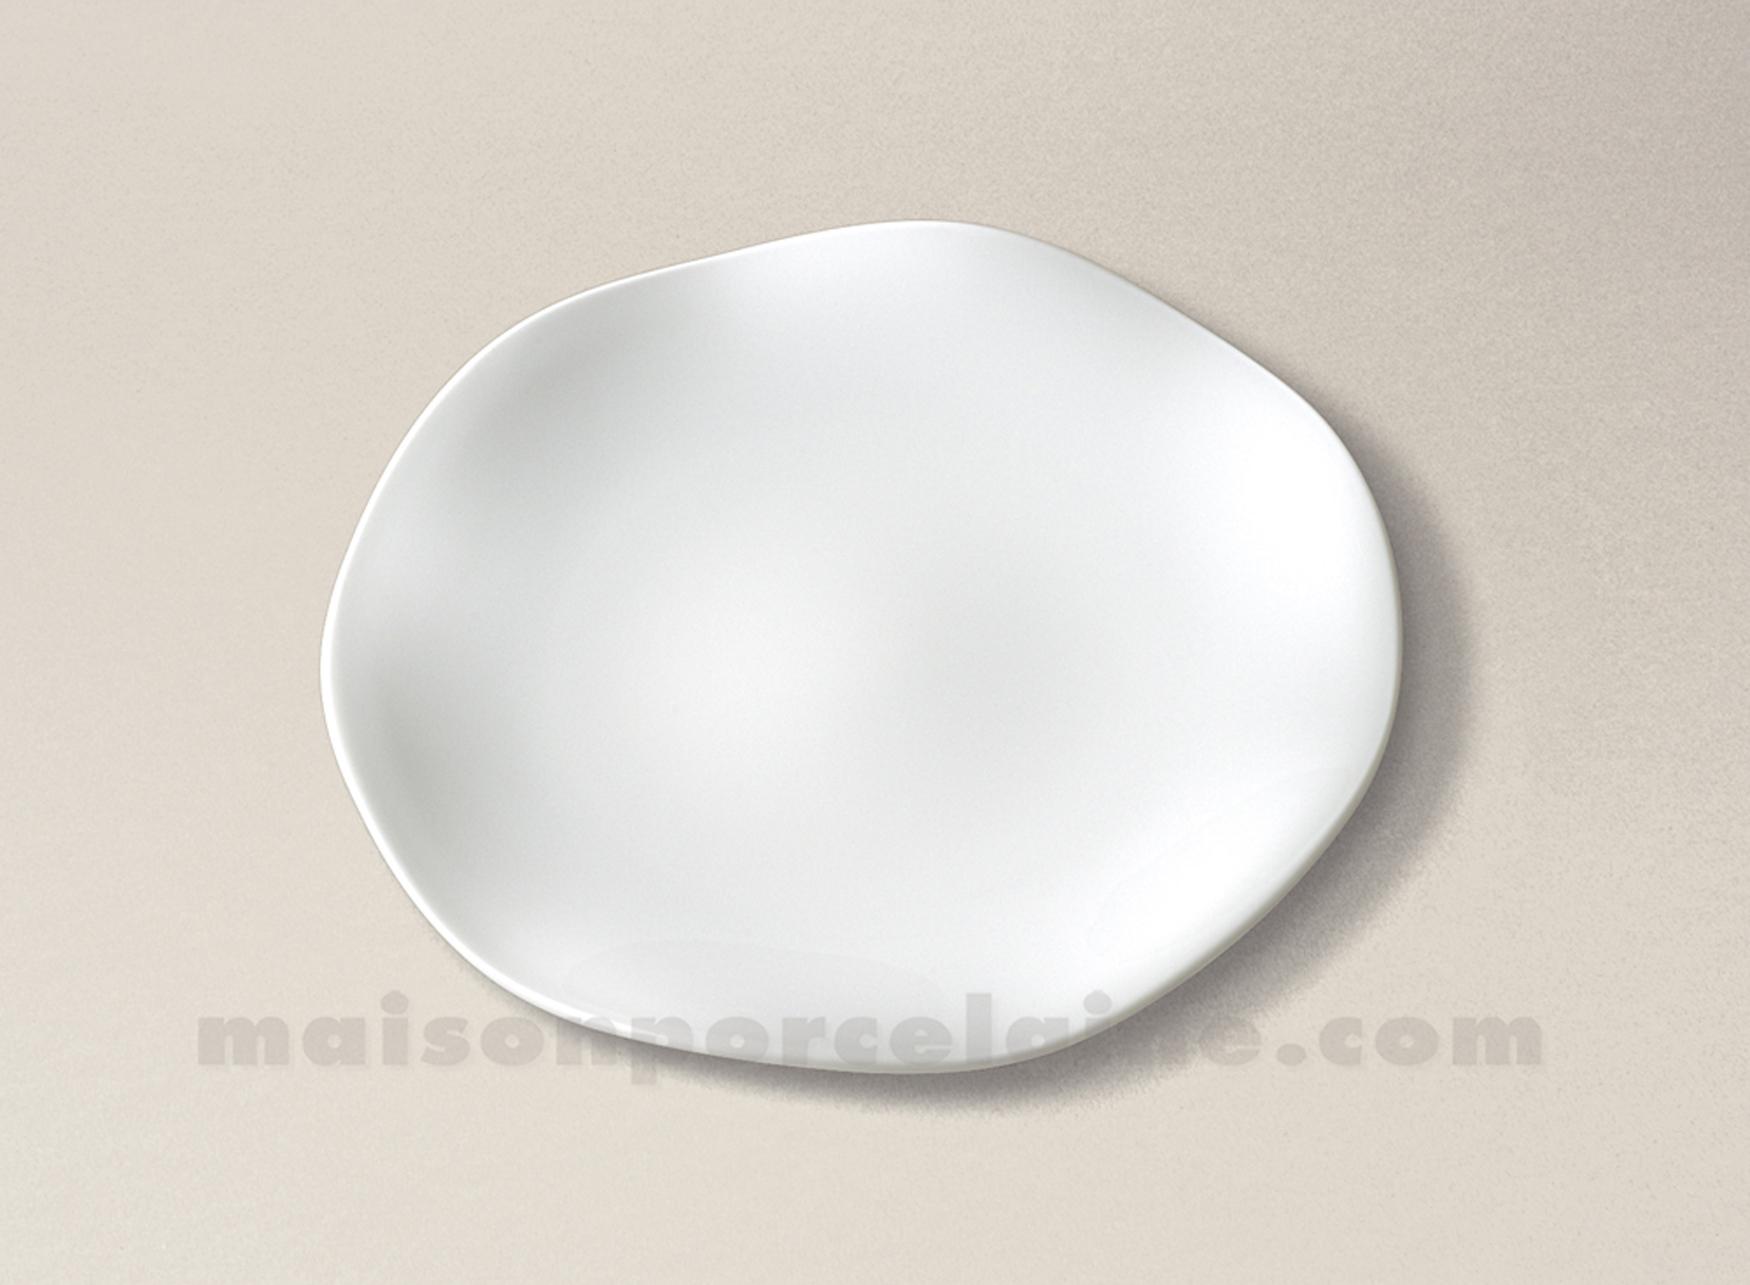 Assiette dessert limoges porcelaine blanche gala d21 for Maison de la porcelaine